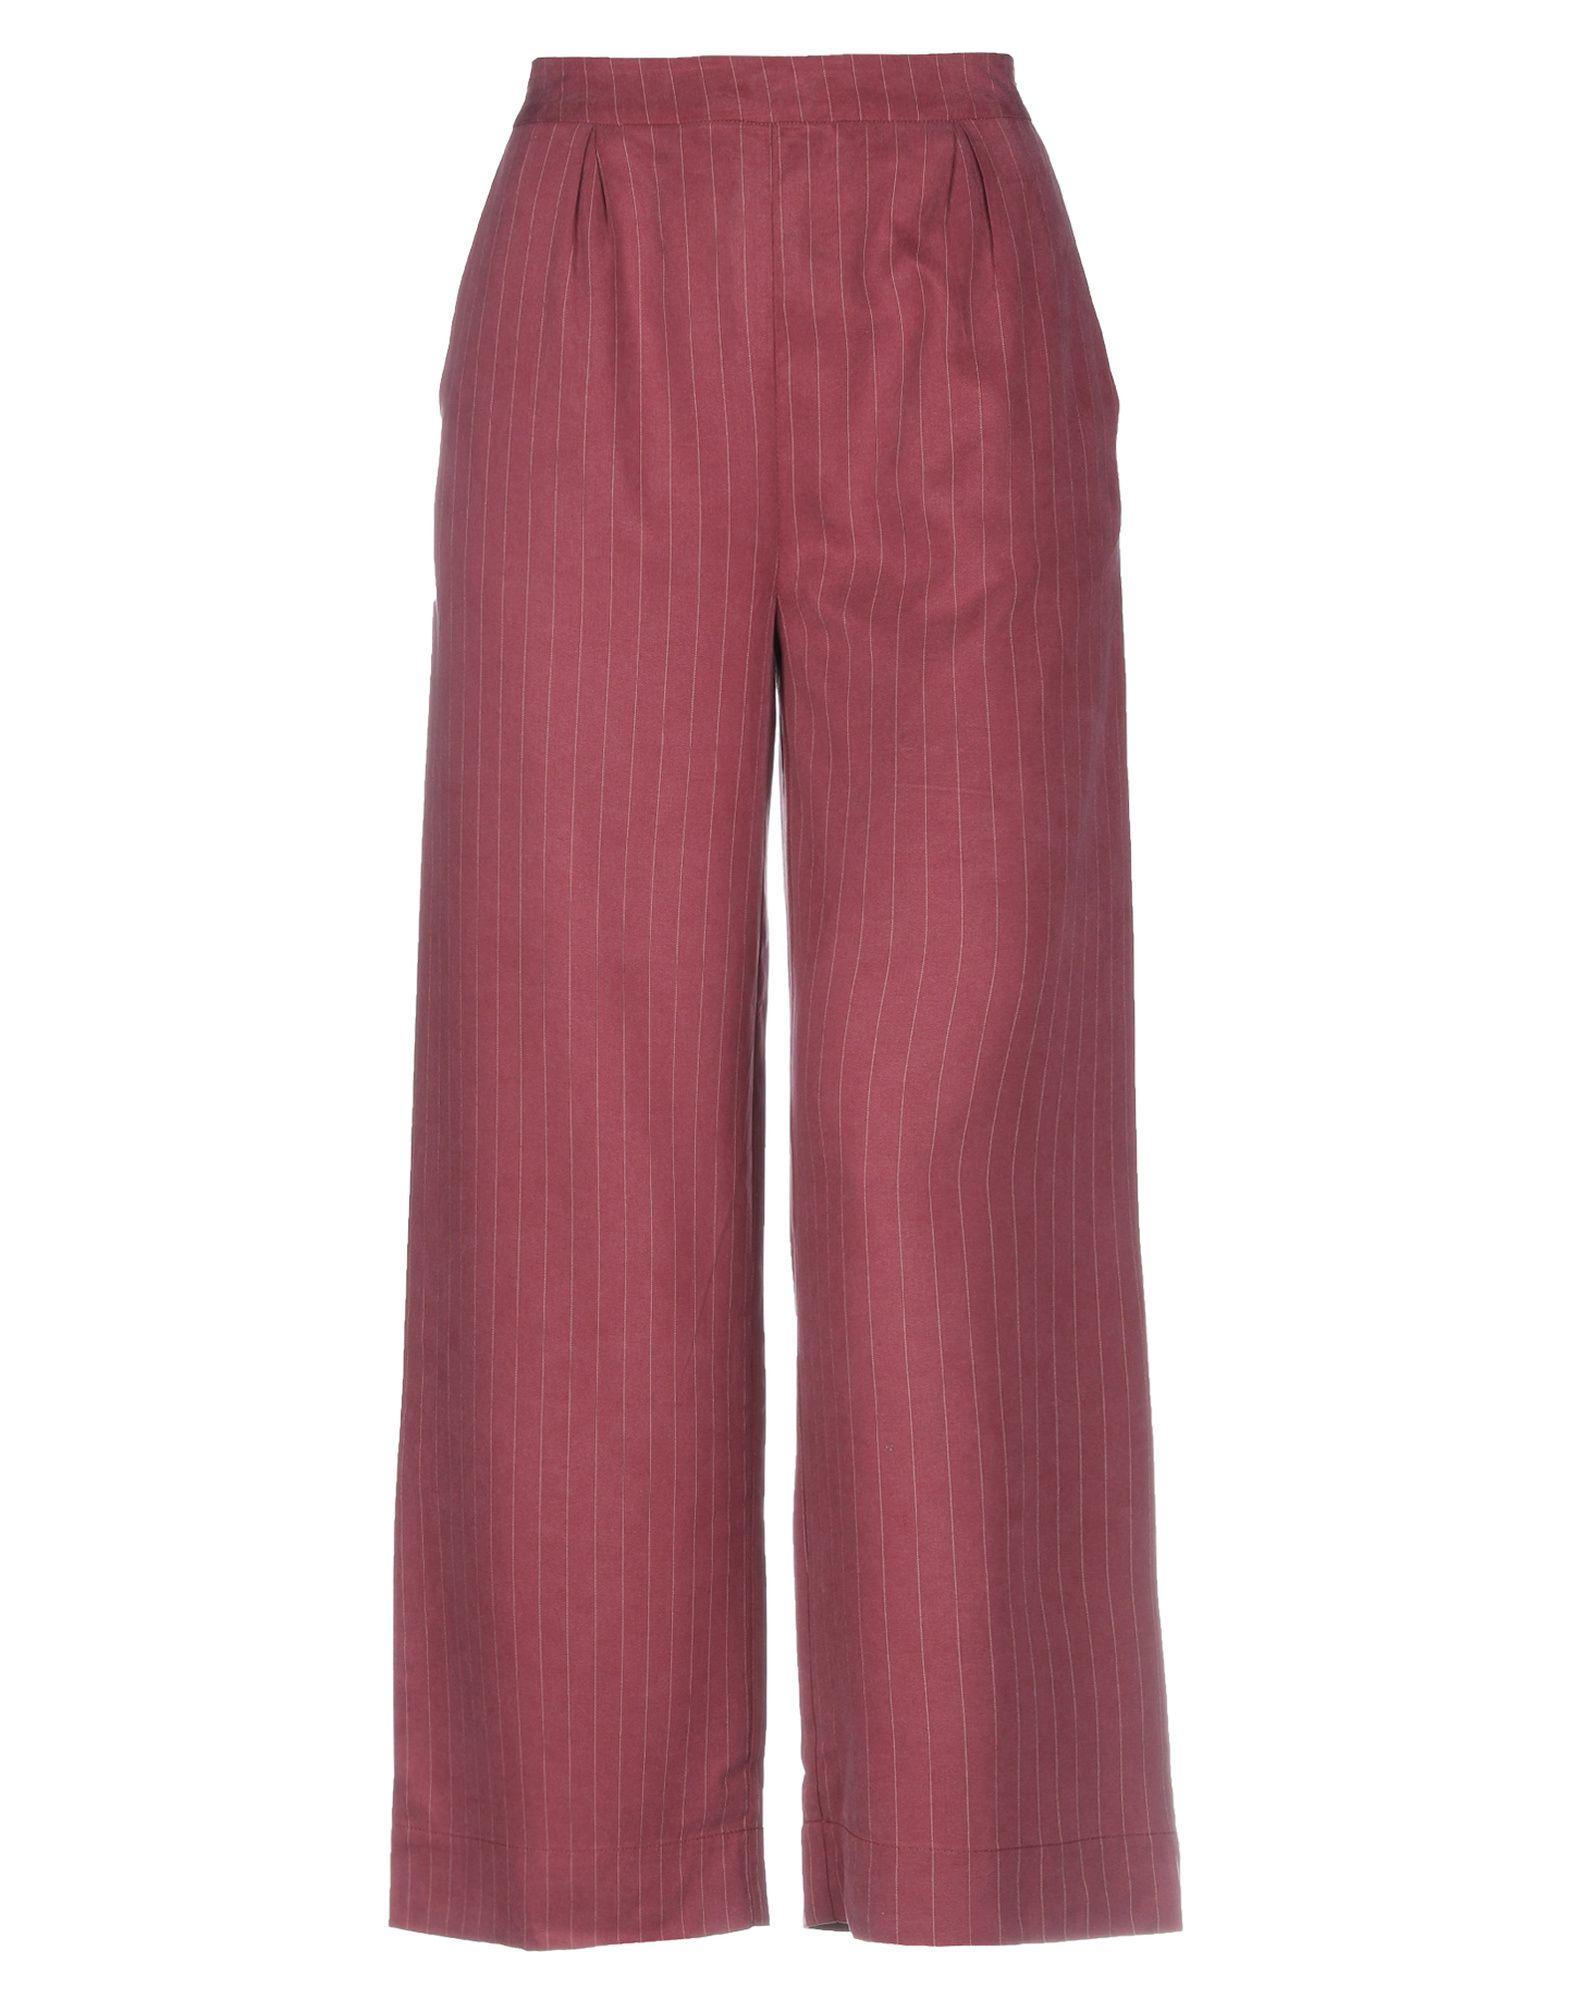 купить NÜMPH Повседневные брюки по цене 2450 рублей